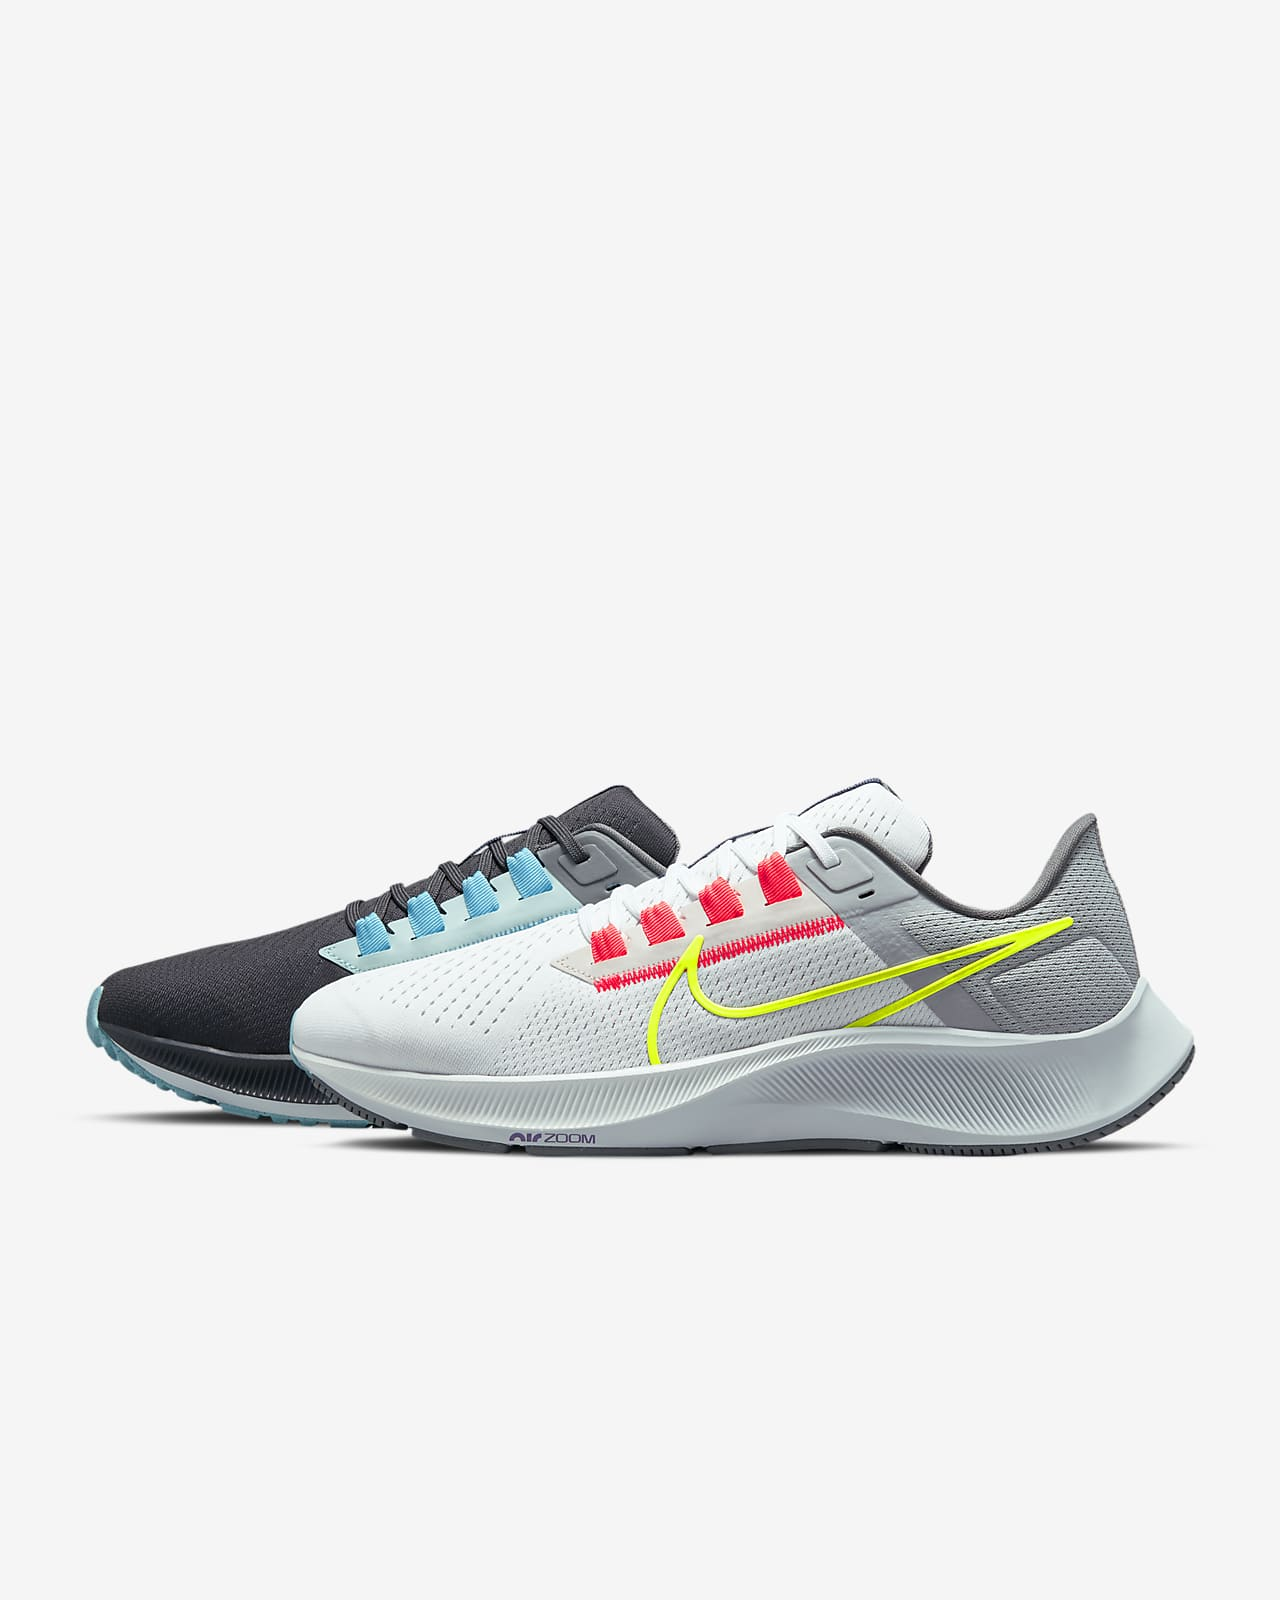 Nike Air Zoom Pegasus 38 Limited Edition férfi futócipő